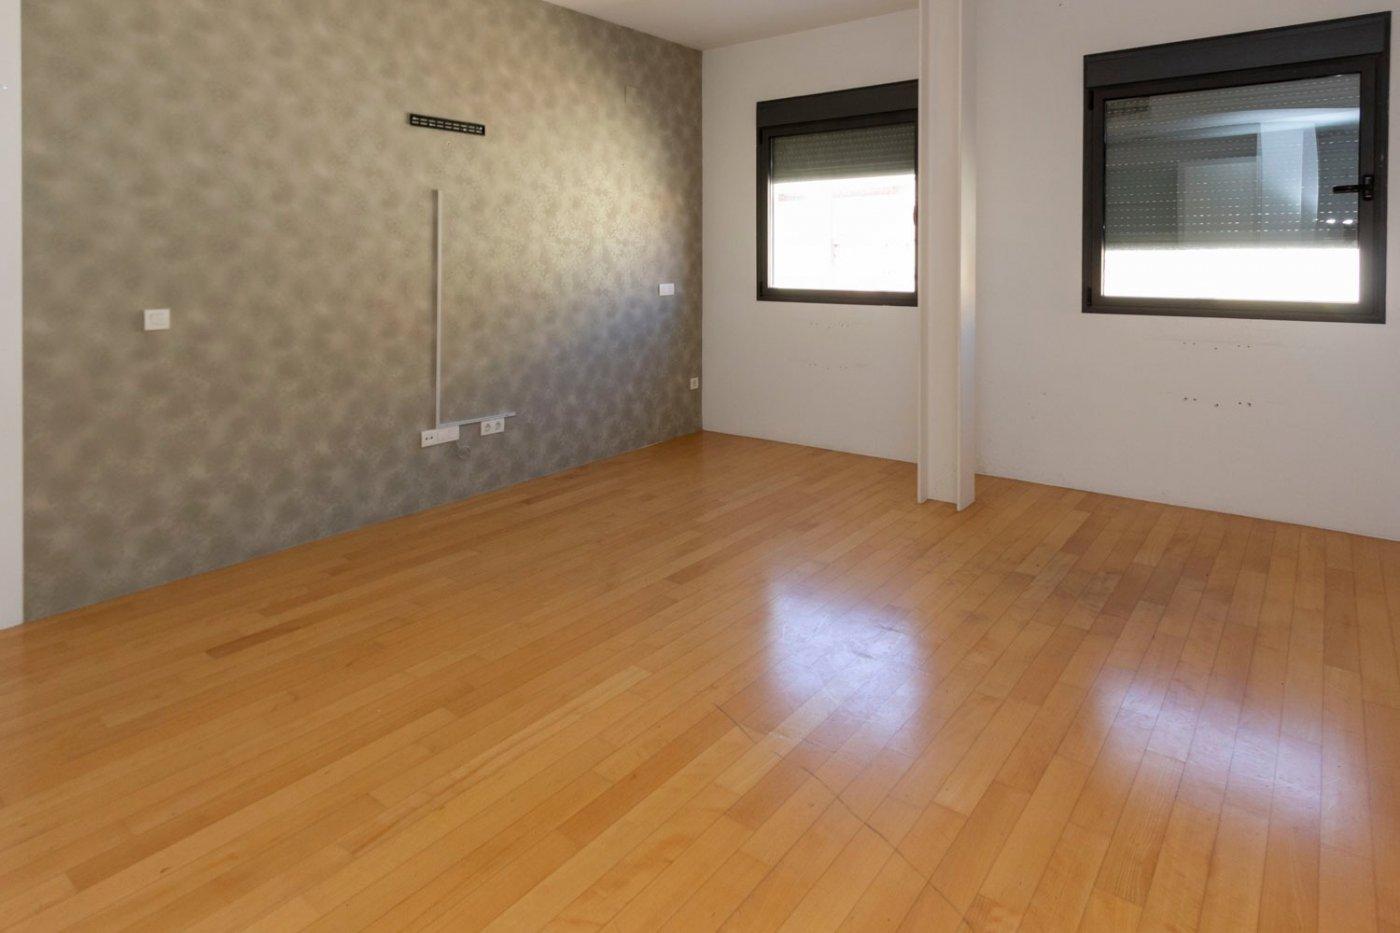 Piso de dos dormitorios de reciente construcción en zona centro de castalla - imagenInmueble0